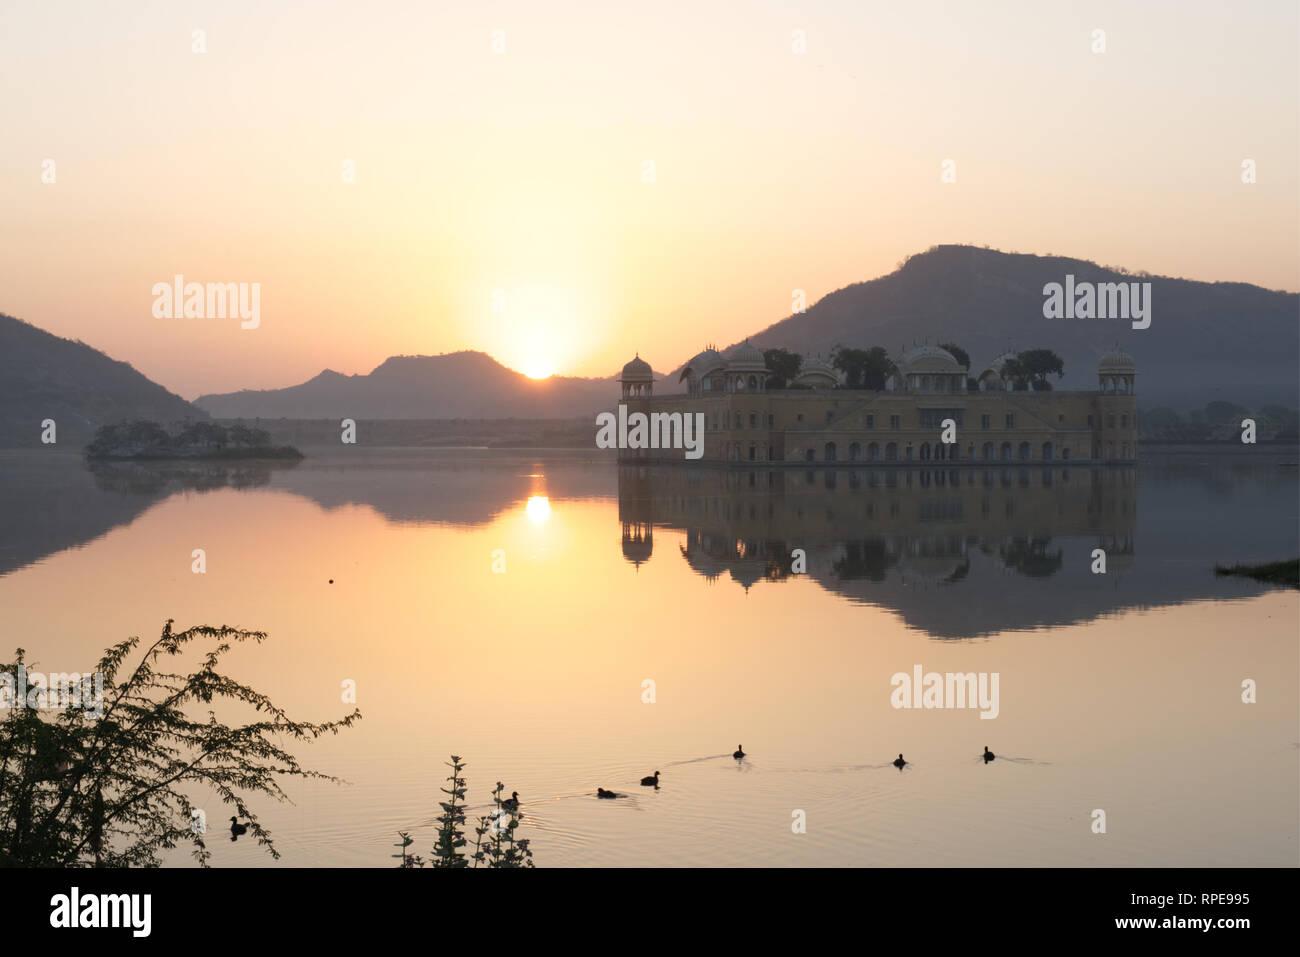 Sunrise fanno da sfondo alla Jal Mahal Palace. Una grande vetrina di architettura di Rajput stile riflette nell'uomo Sagar Lago. Immagini Stock